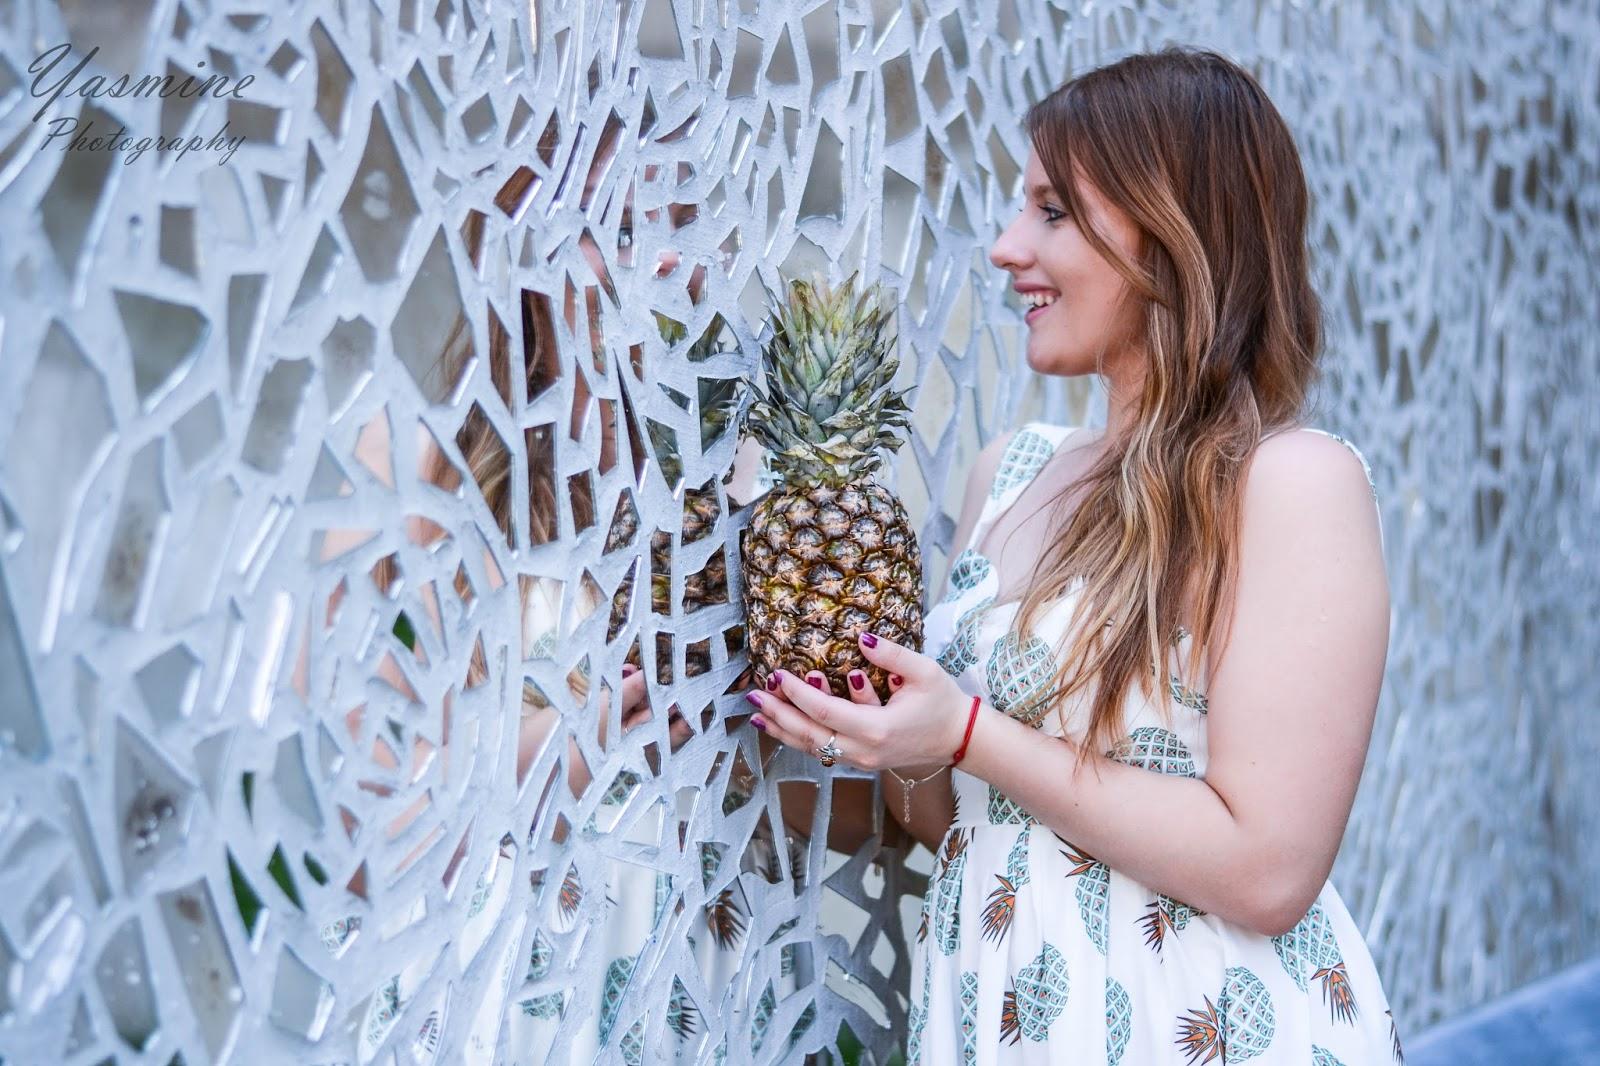 czy warto kupowac na stronach chińskich sklepów zaful sammydress dresslink sukienka w ananasy chińskie sklepy internetowe jakość pineapple dress fashion style melodylaniella yasmine photography a